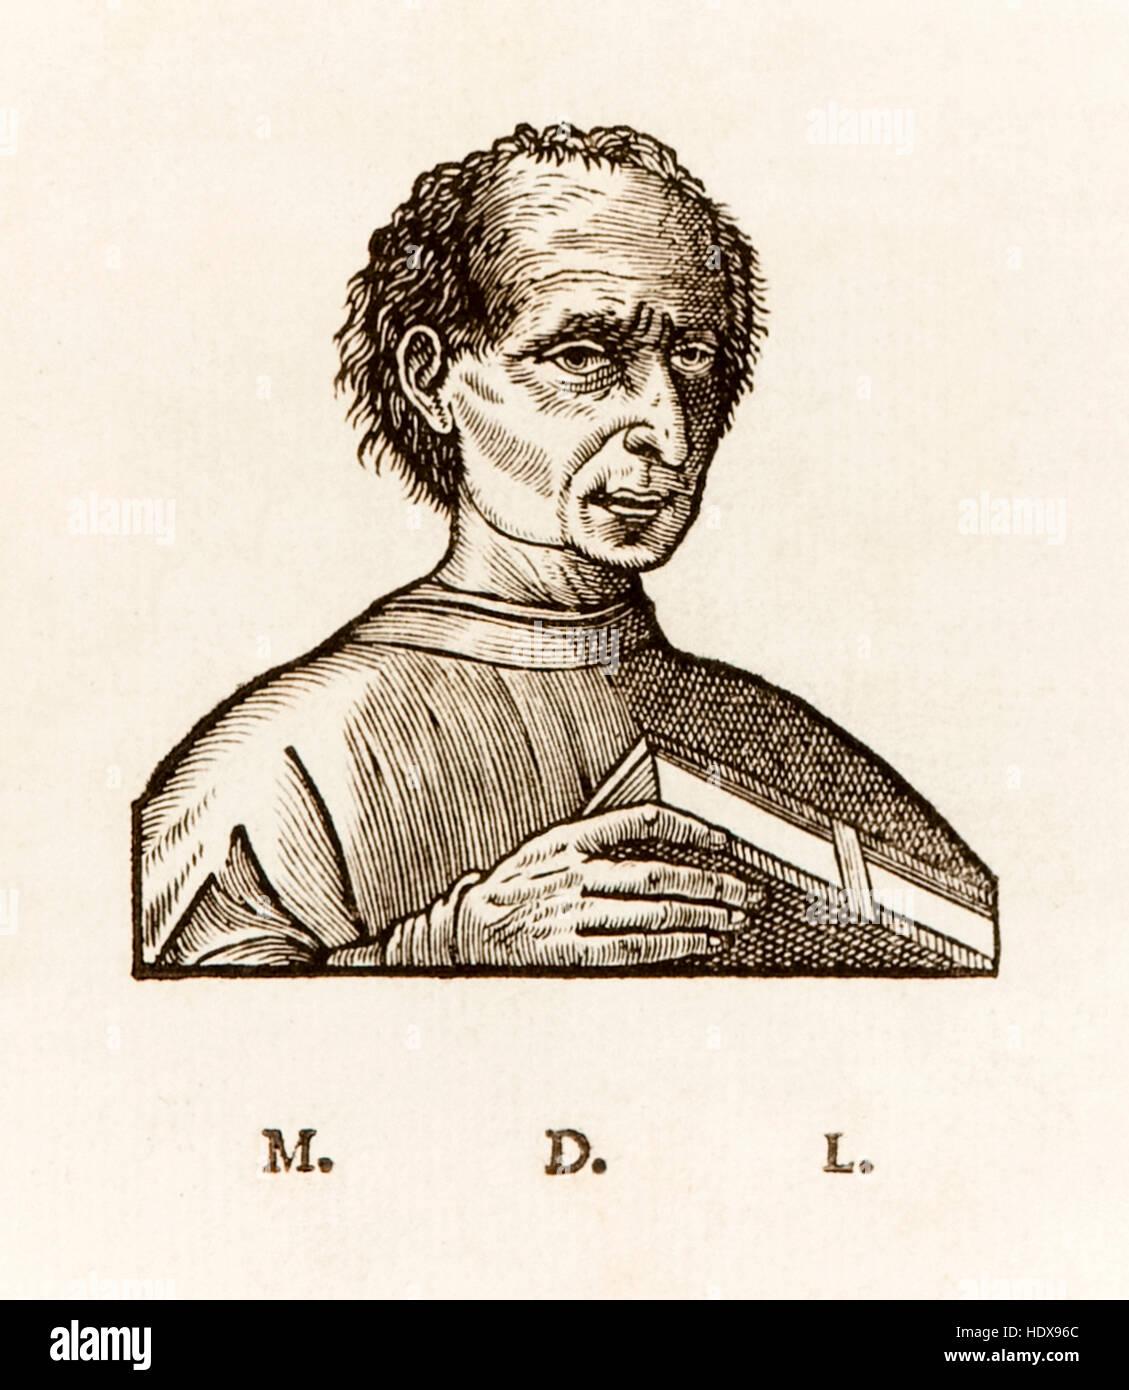 Niccolò Machiavelli (1469-1527) italienischen Renaissance politischer Schriftsteller, Holzschnitt-Porträt Stockbild